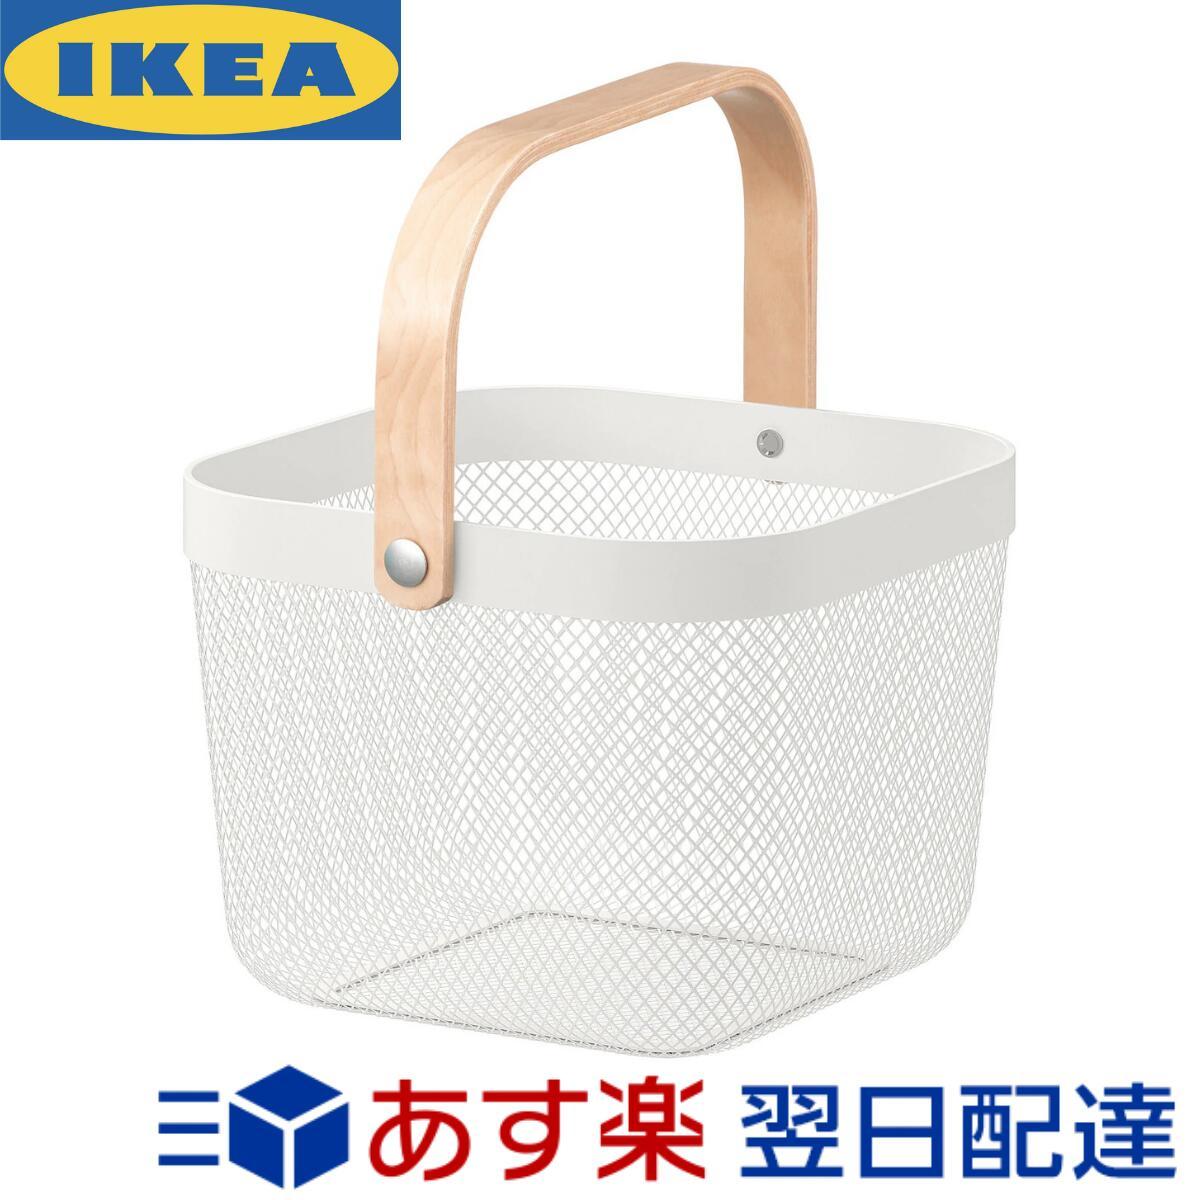 迅速発送 送料無料 ポイント消化 お金を節約 IKEA RISATORP 25x26x18 新作入荷 バスケット cm イケア ホワイト